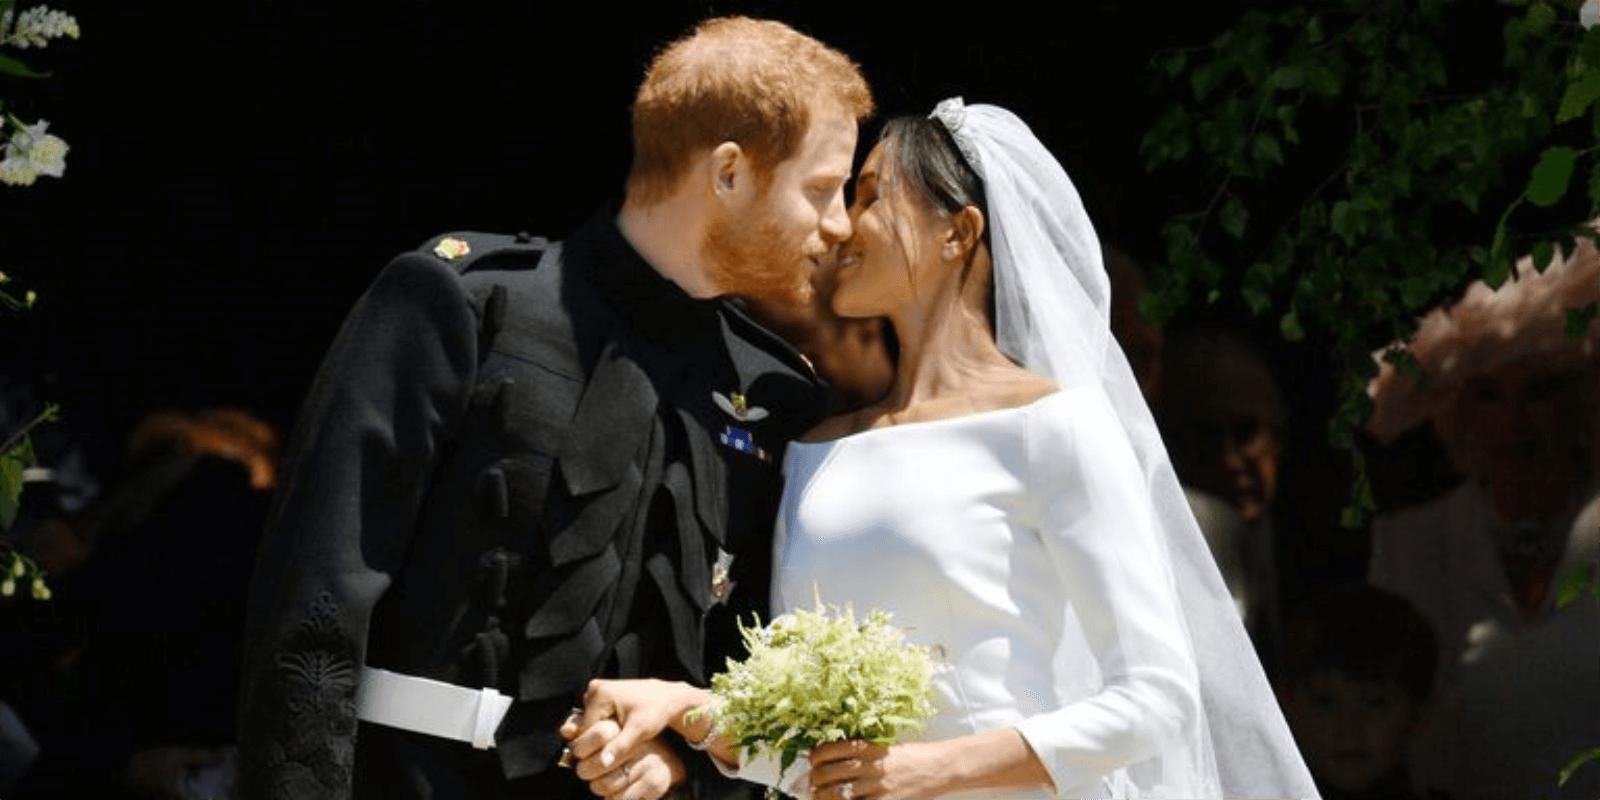 Królewski ślub I Design Your wedding